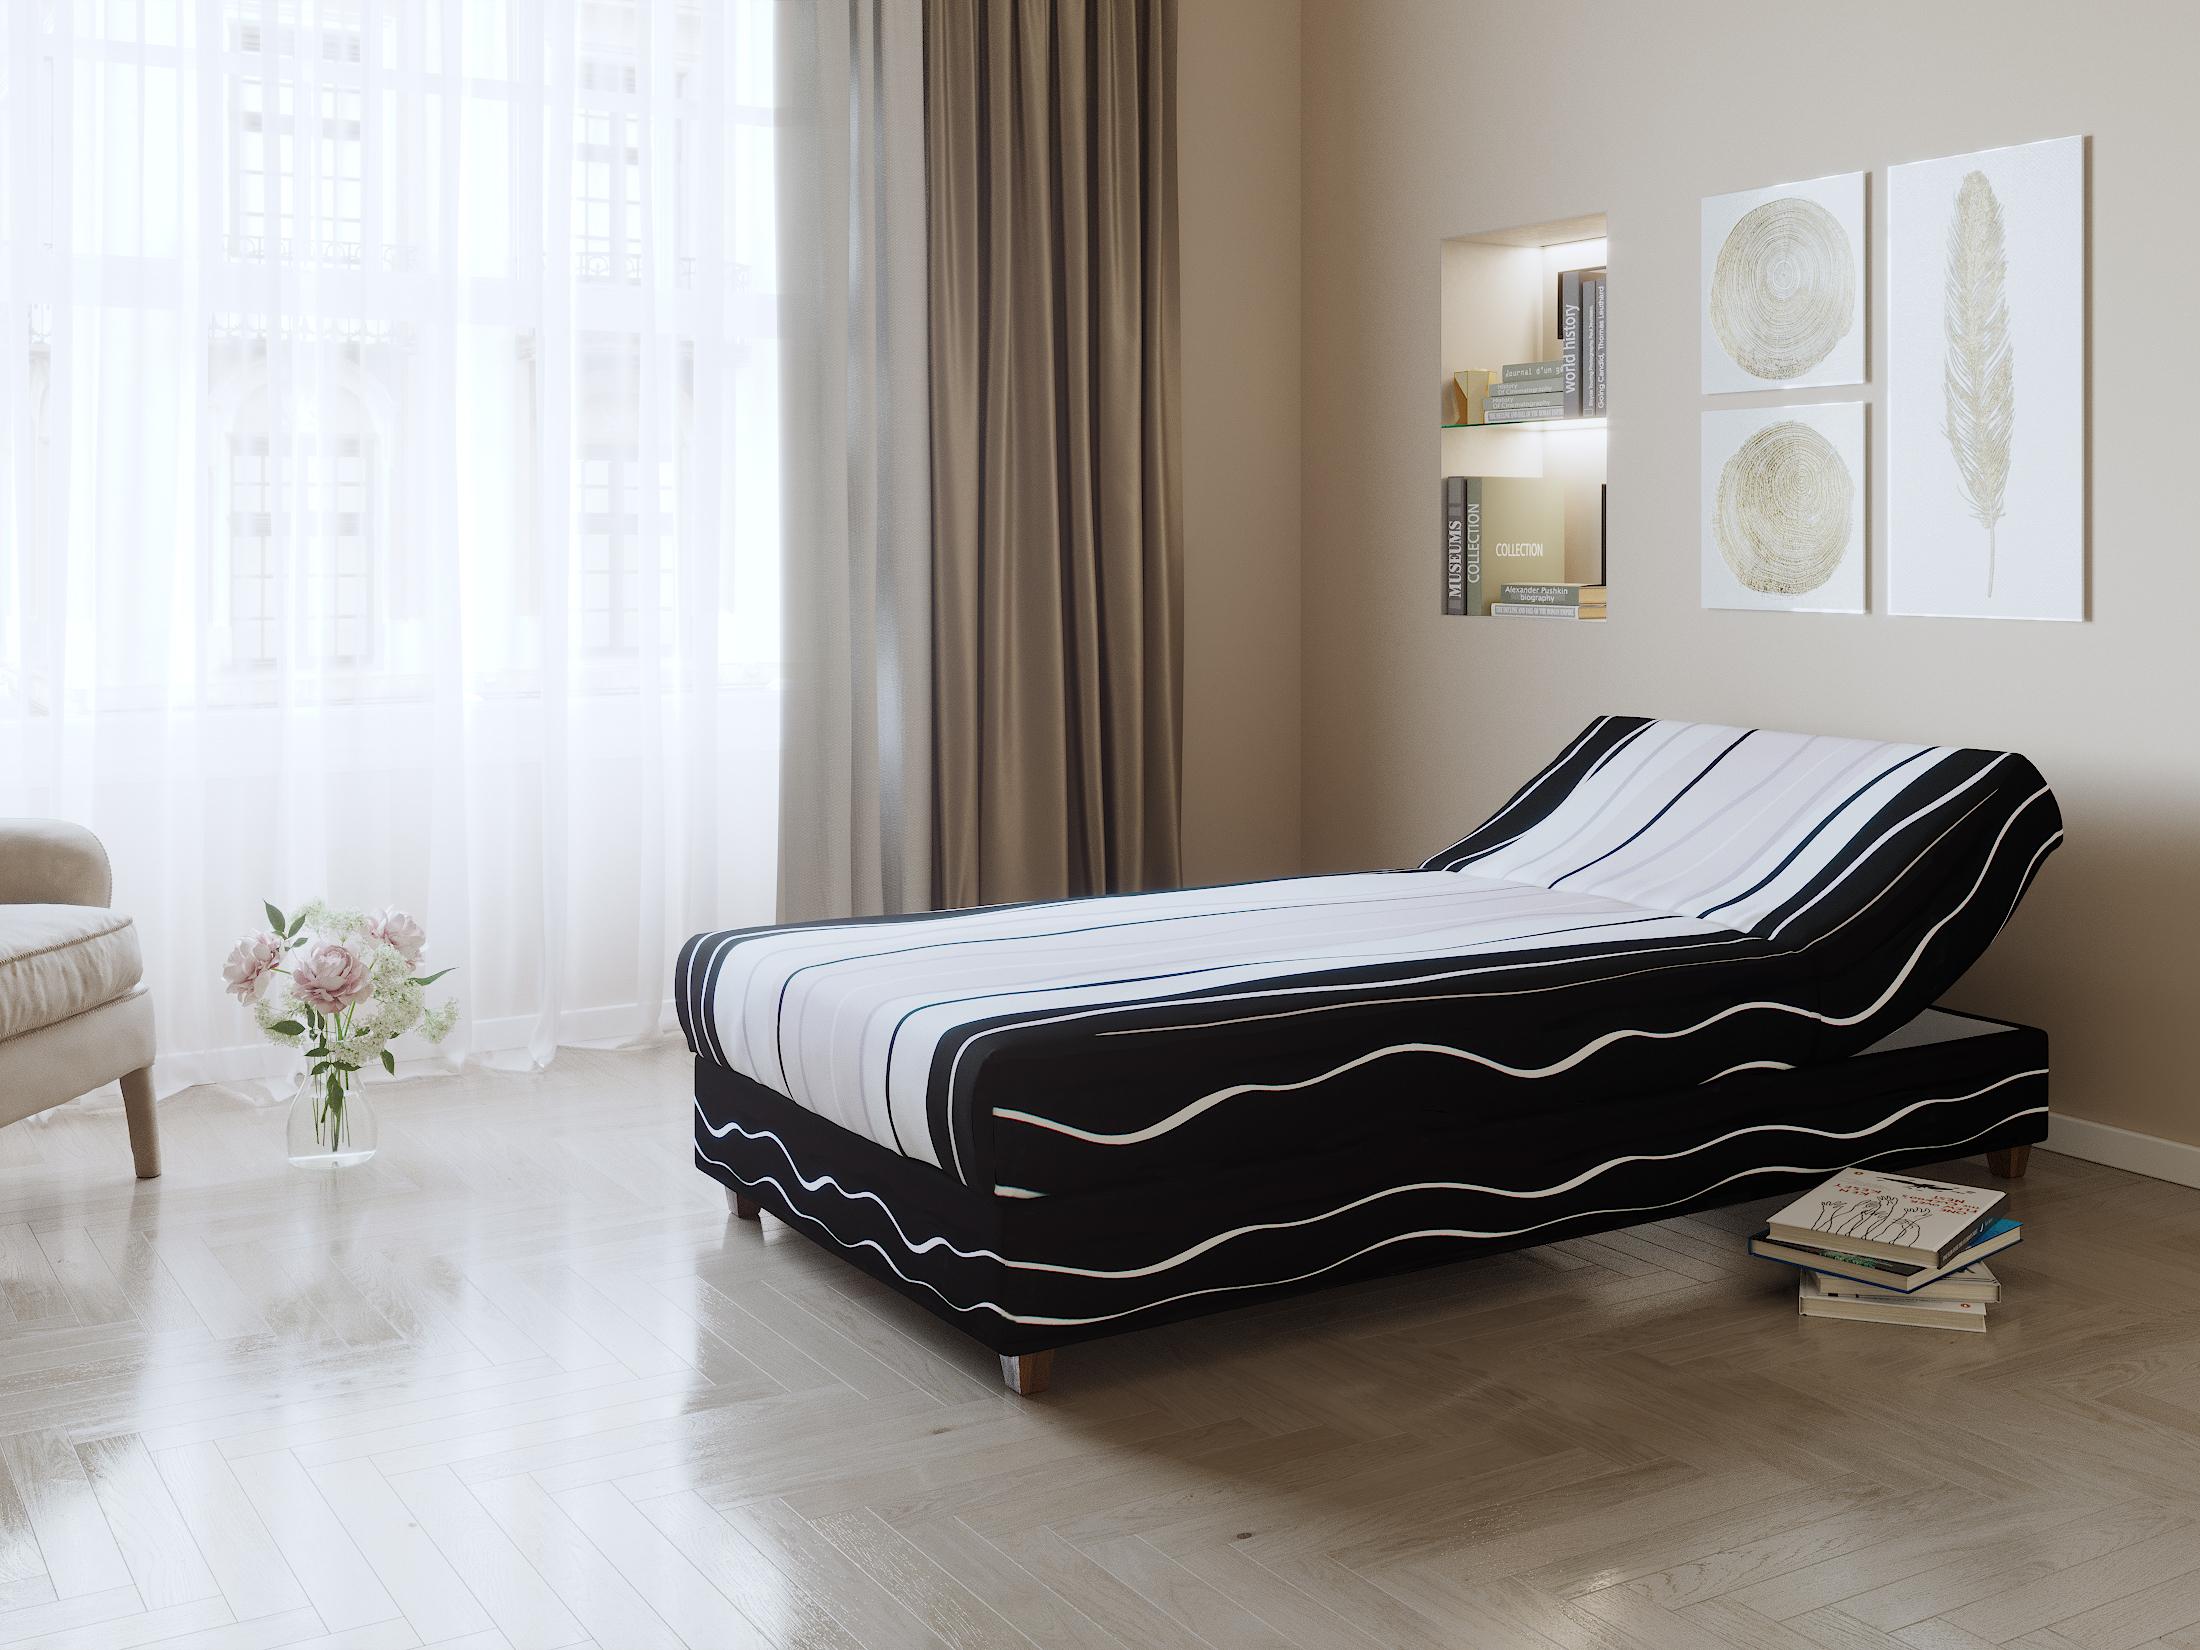 Postel NEJBY, 90x198 cm, čalouněná, černo-bílo-šedá